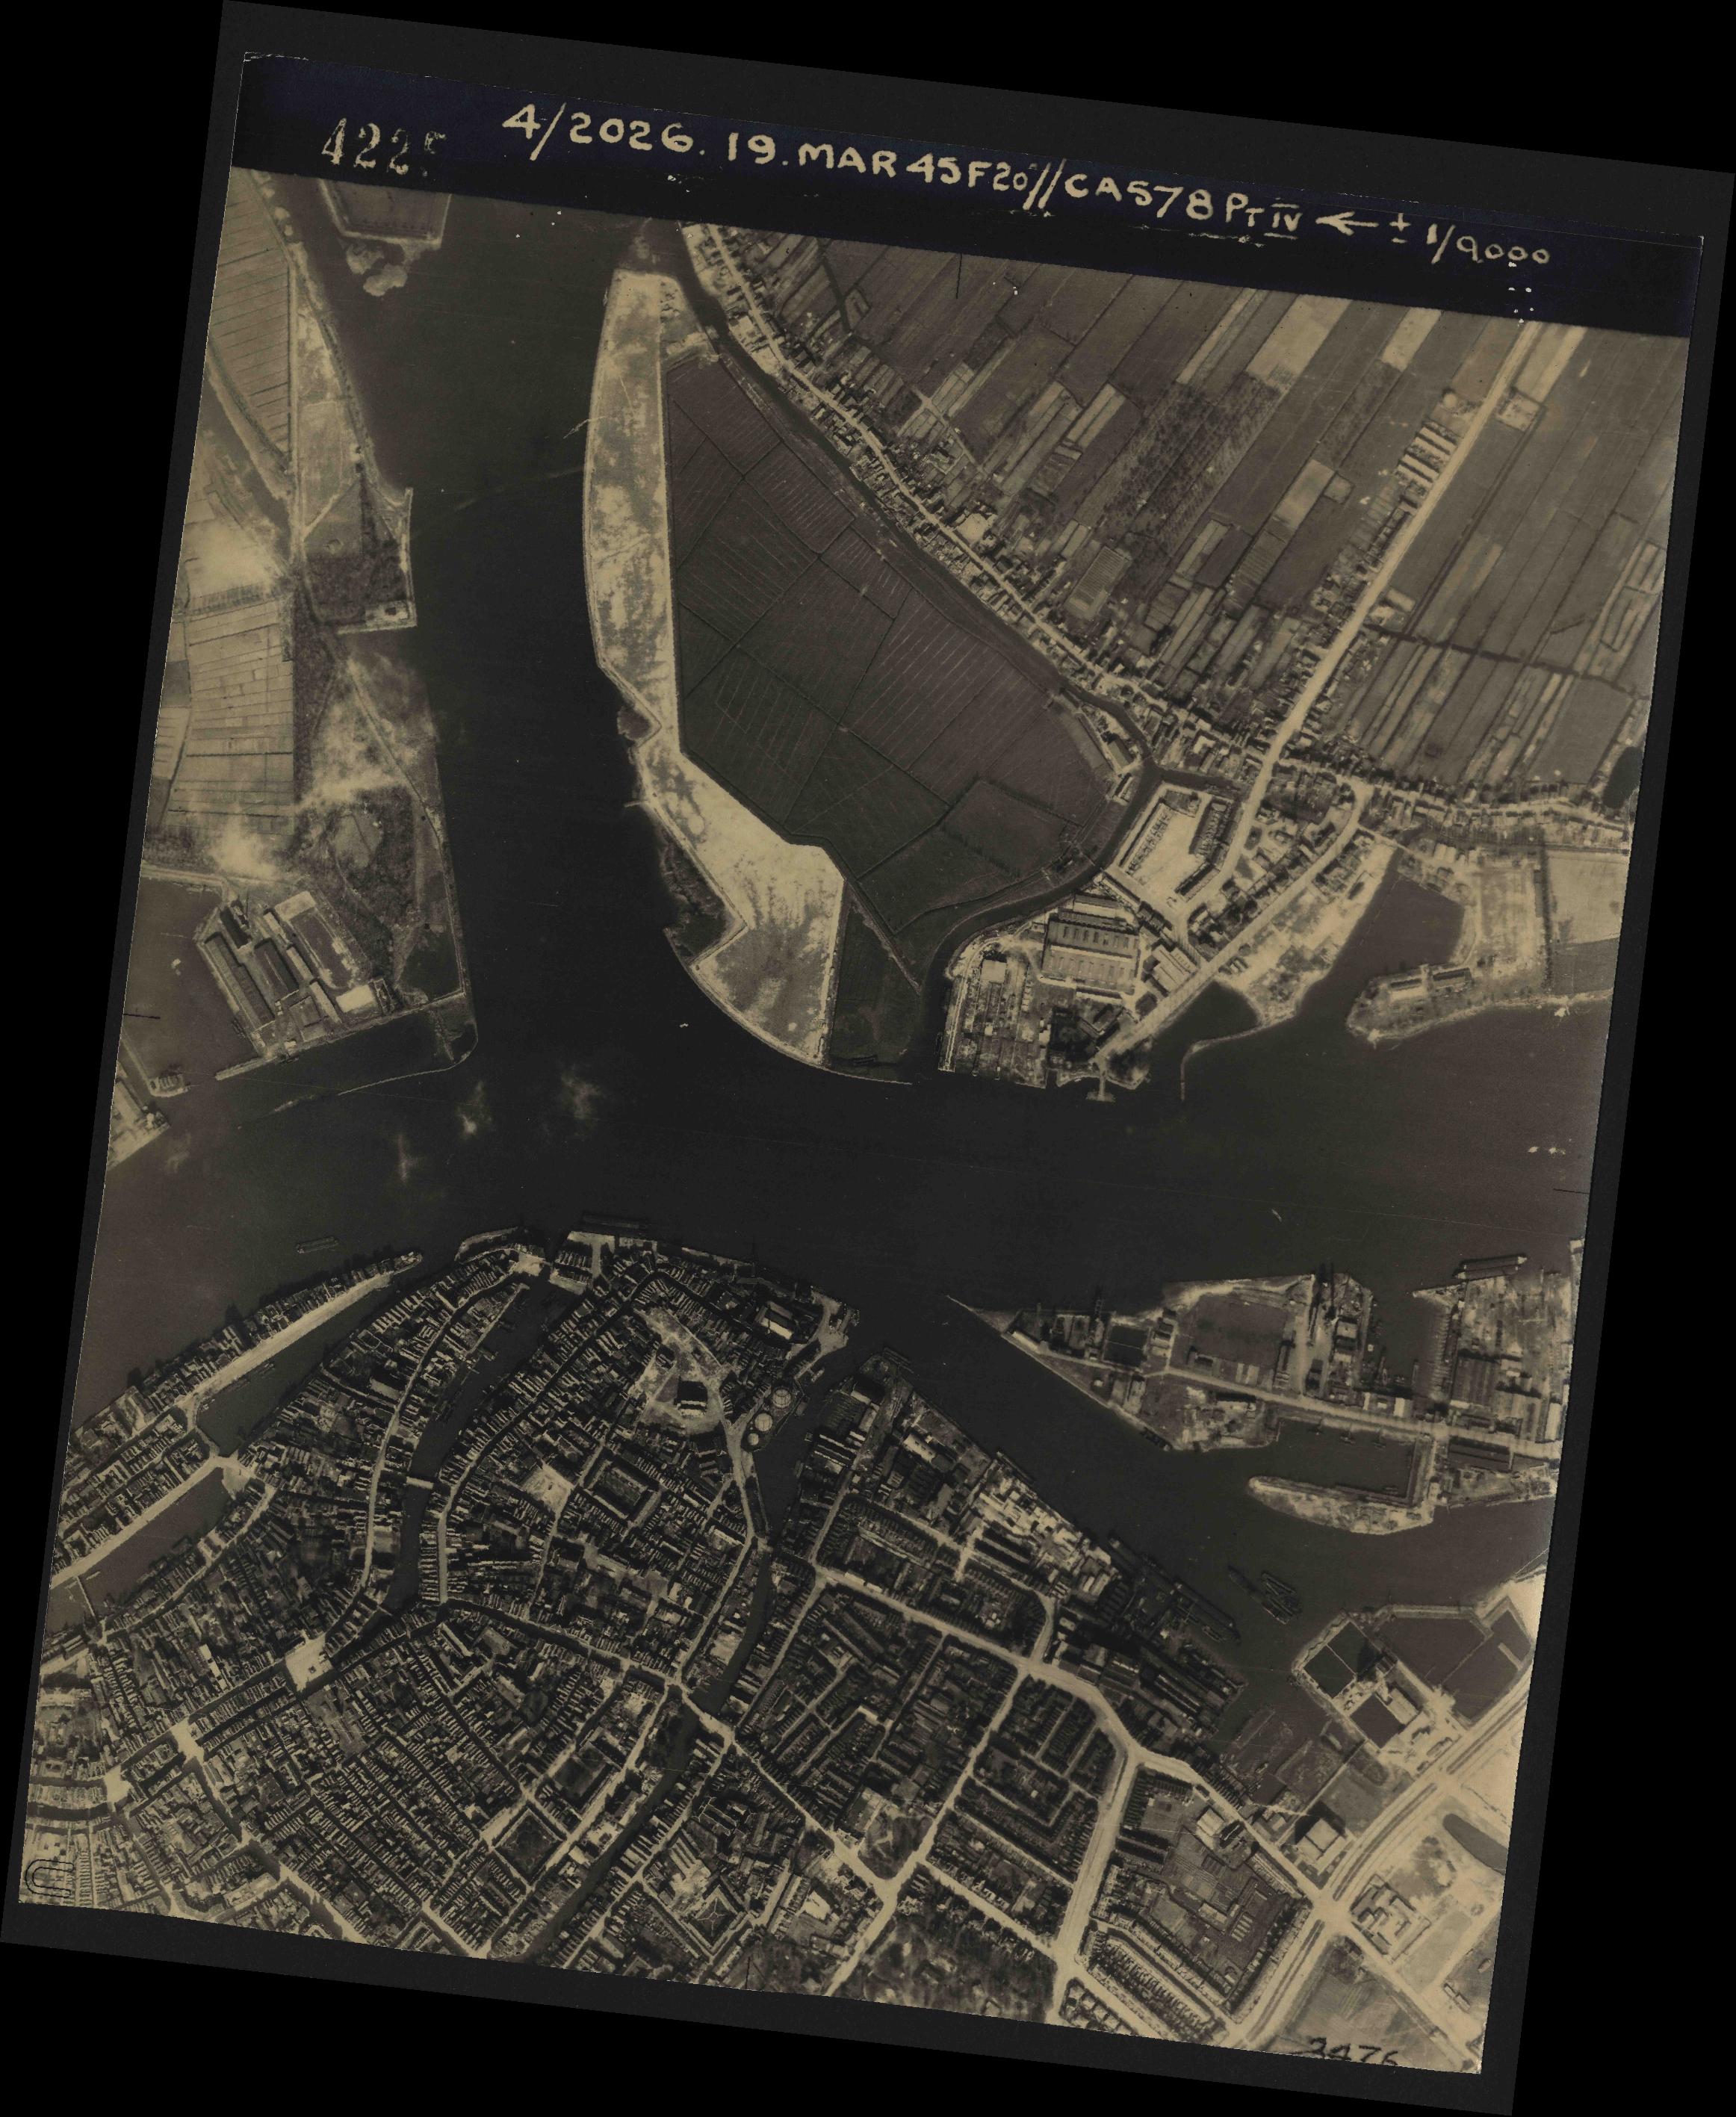 Collection RAF aerial photos 1940-1945 - flight 012, run 06, photo 4225